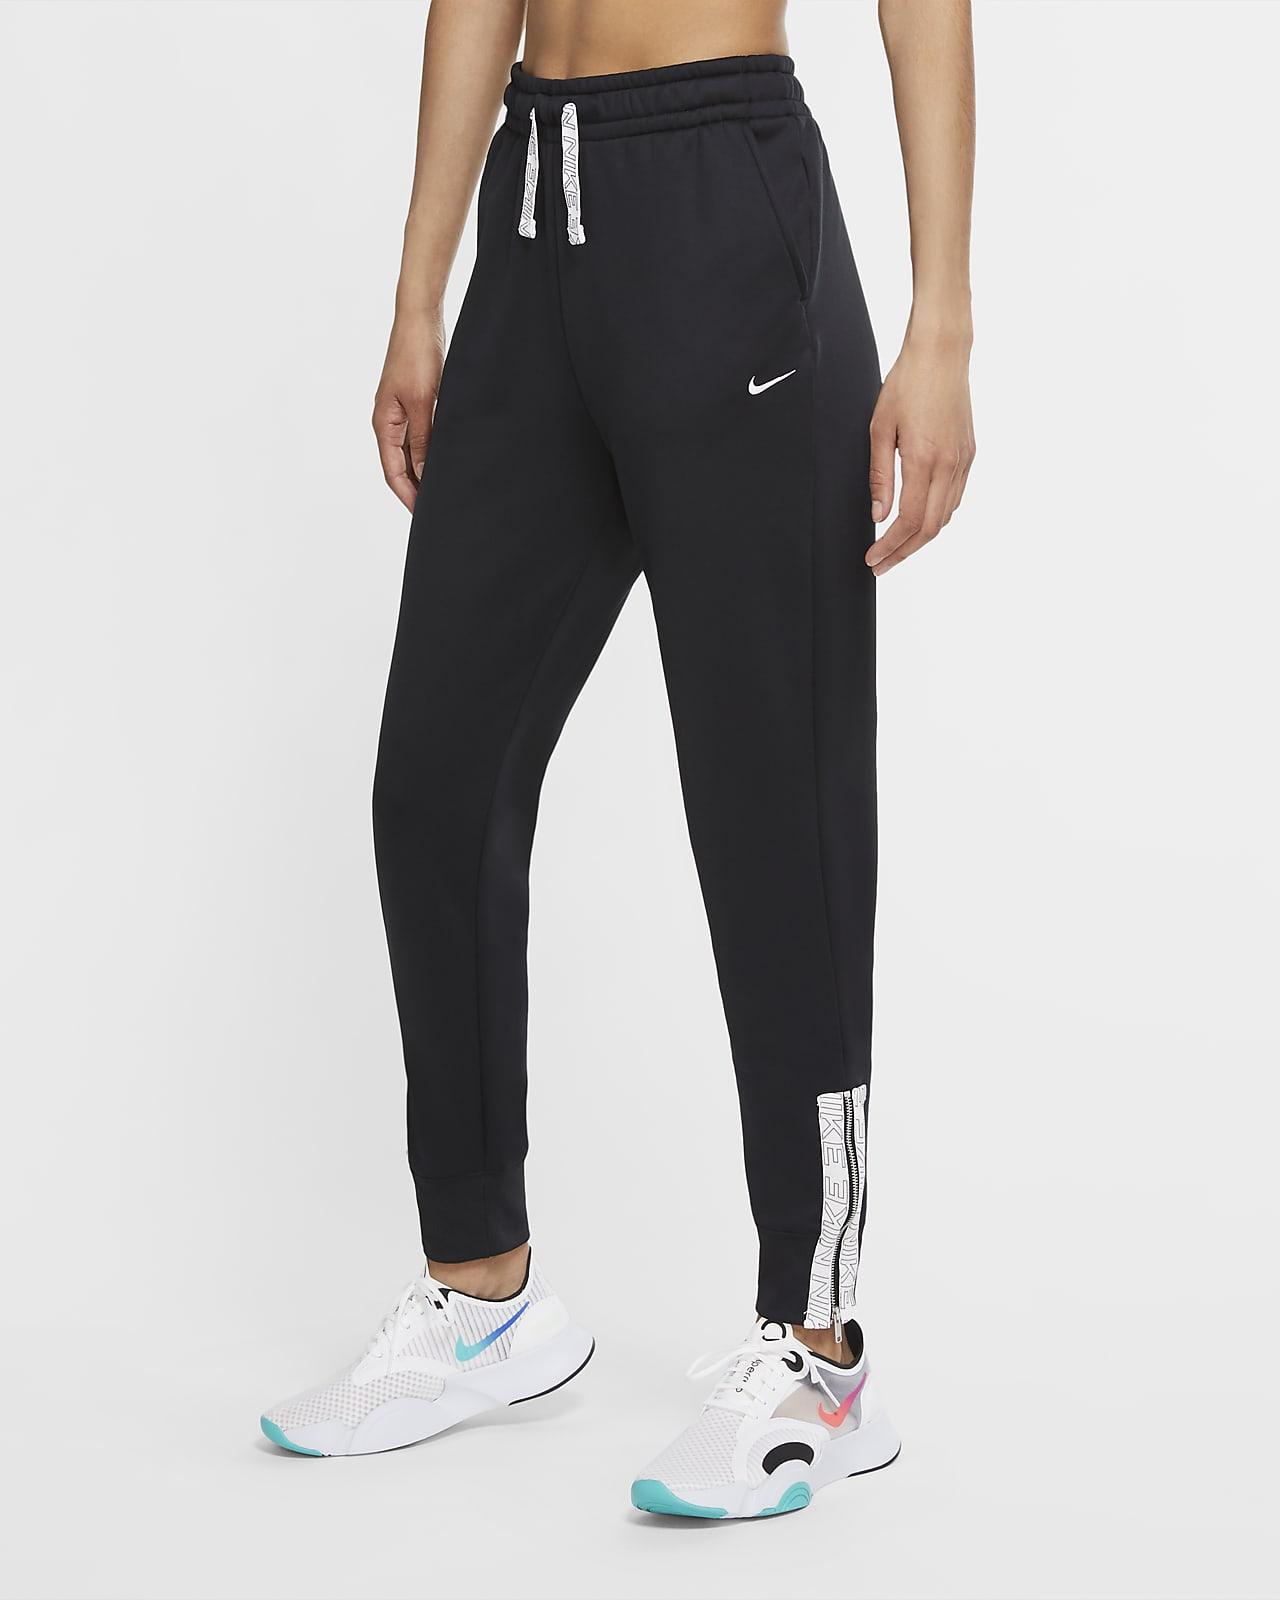 Dámské tréninkové kalhoty Nike Therma